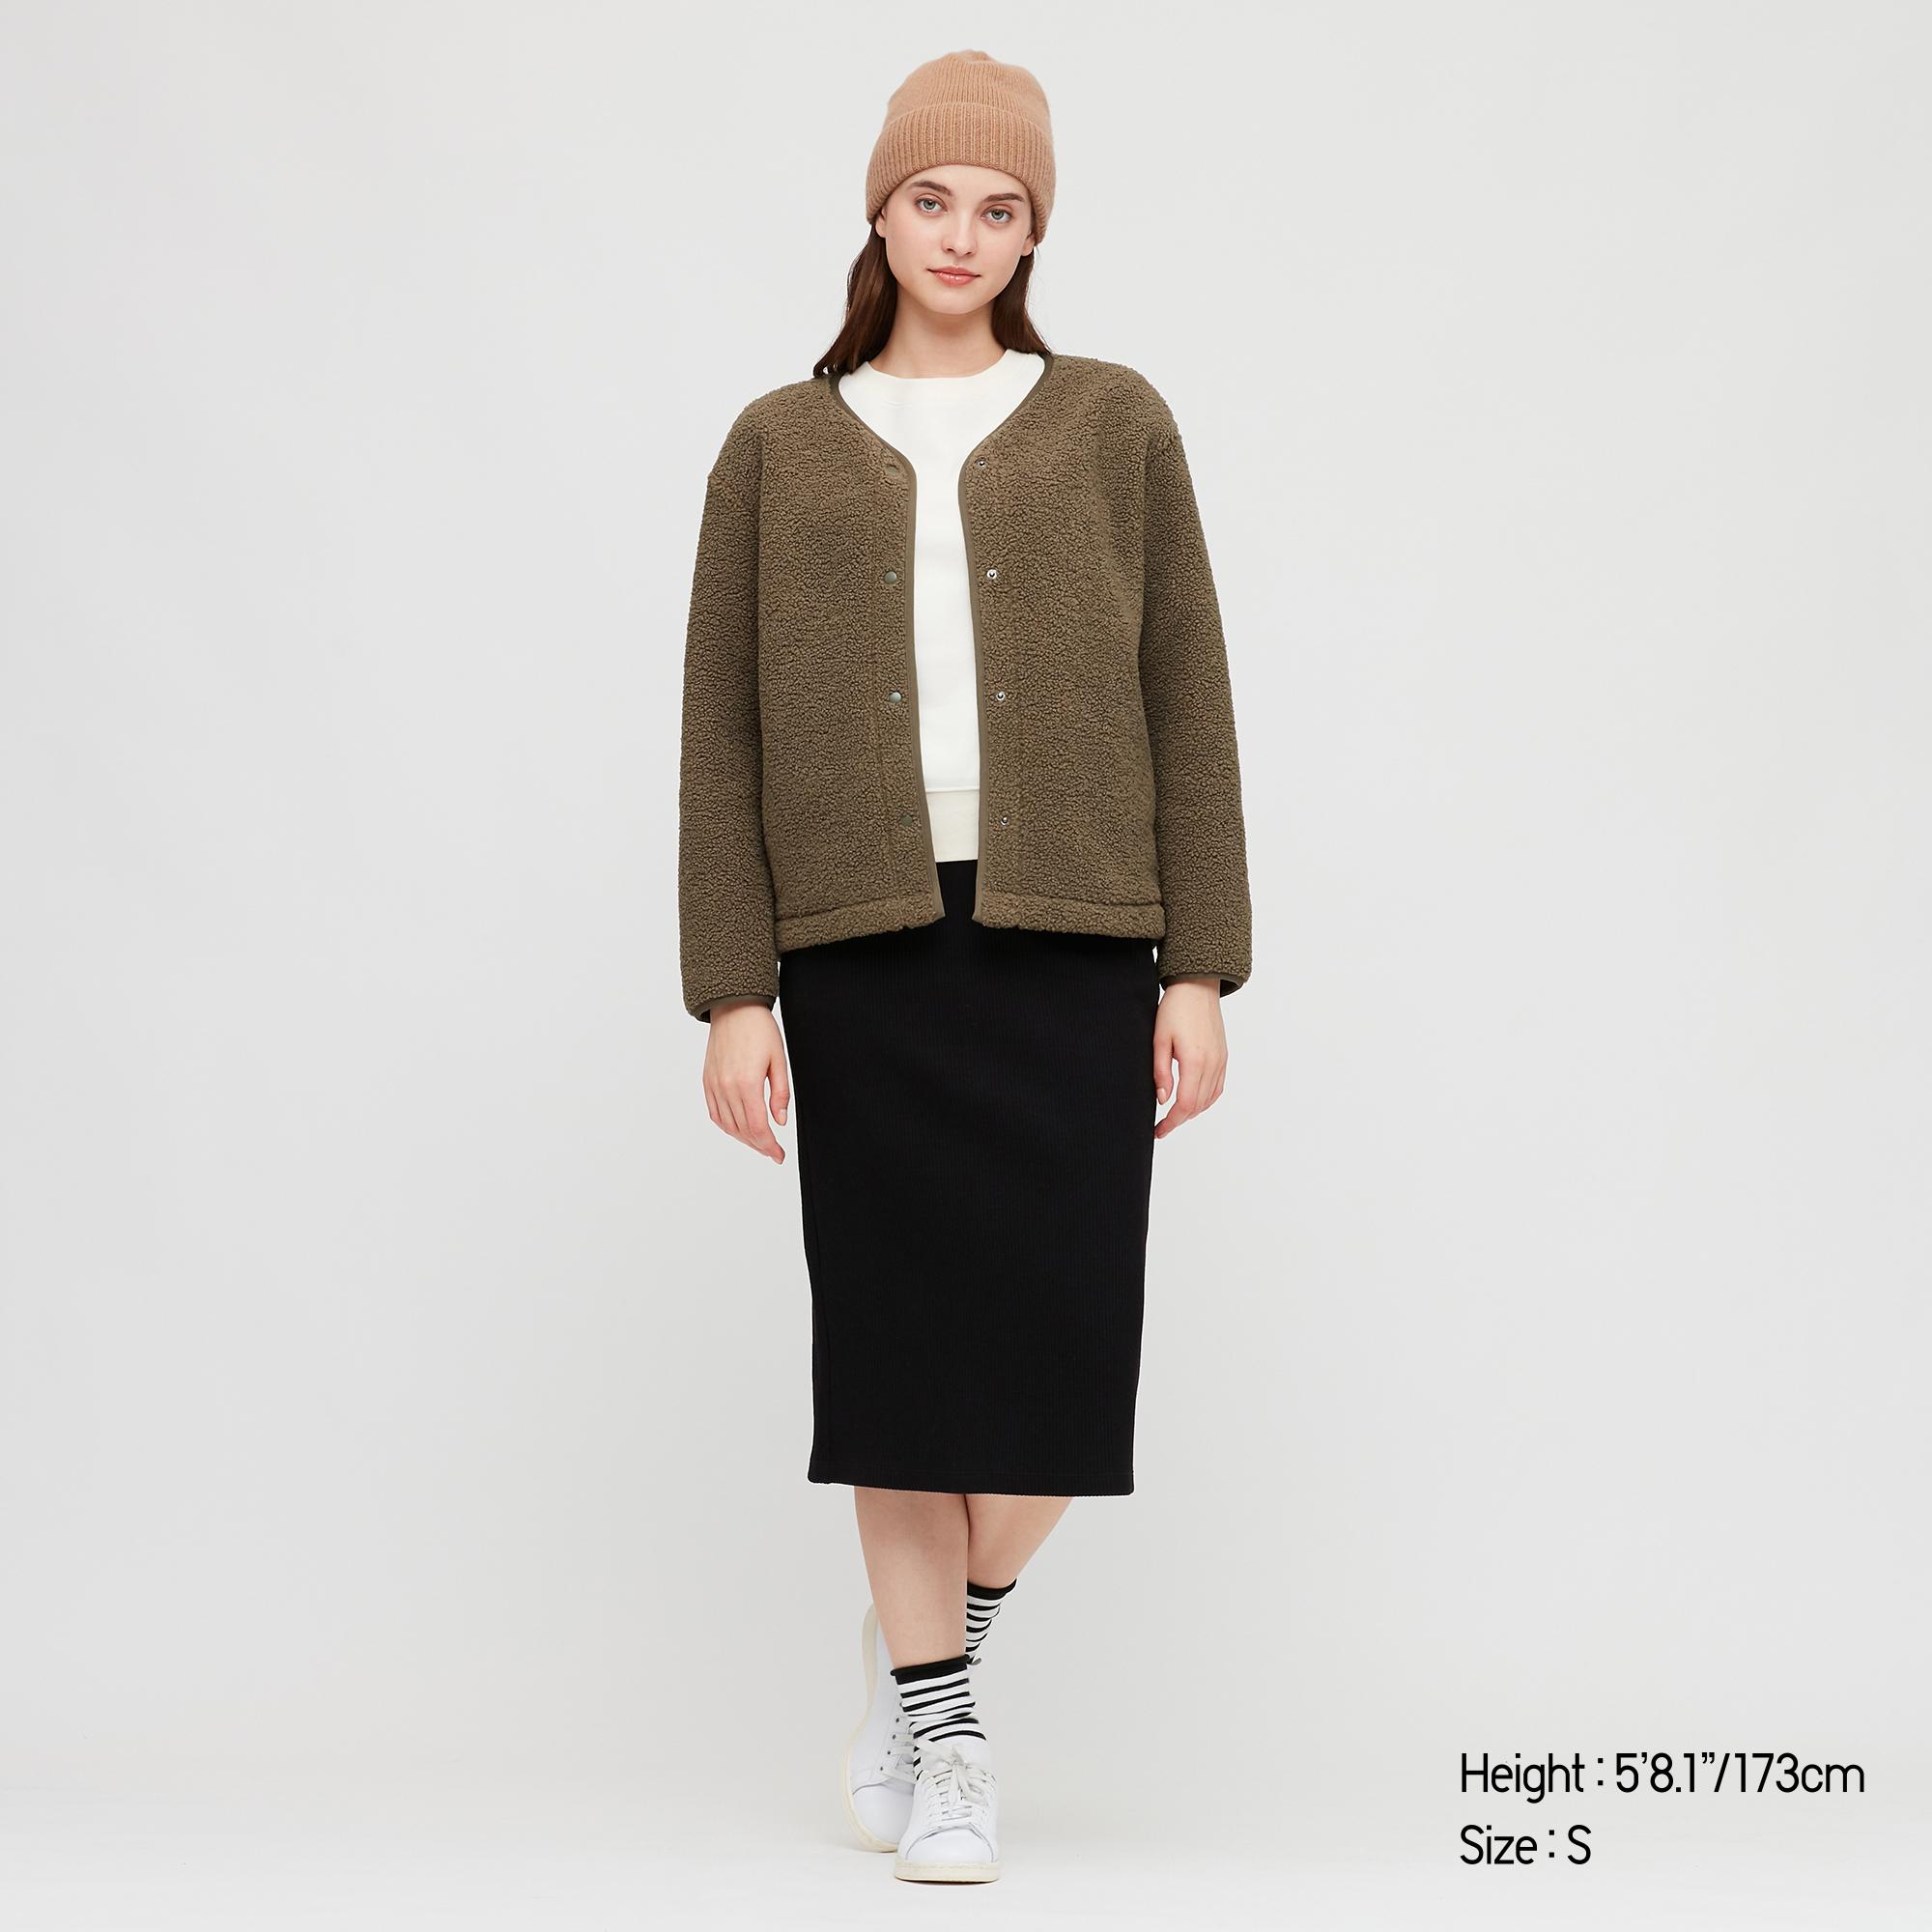 Women Pile-Lined Fleece Crew Neck Cardigan, Dark Brown, Small